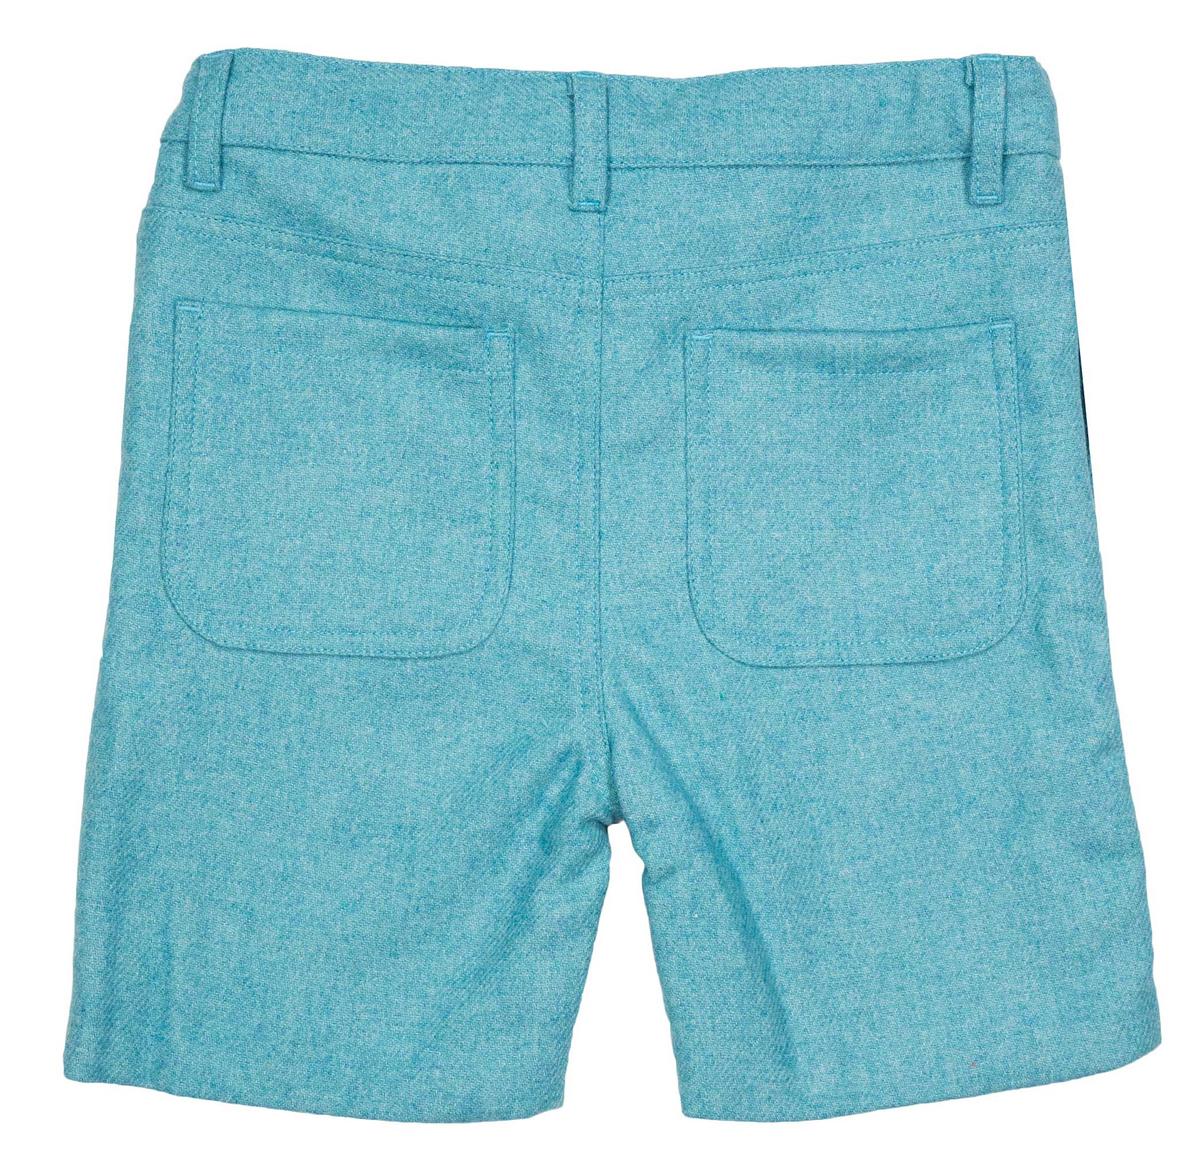 kortbukse Henry ull ocean blue